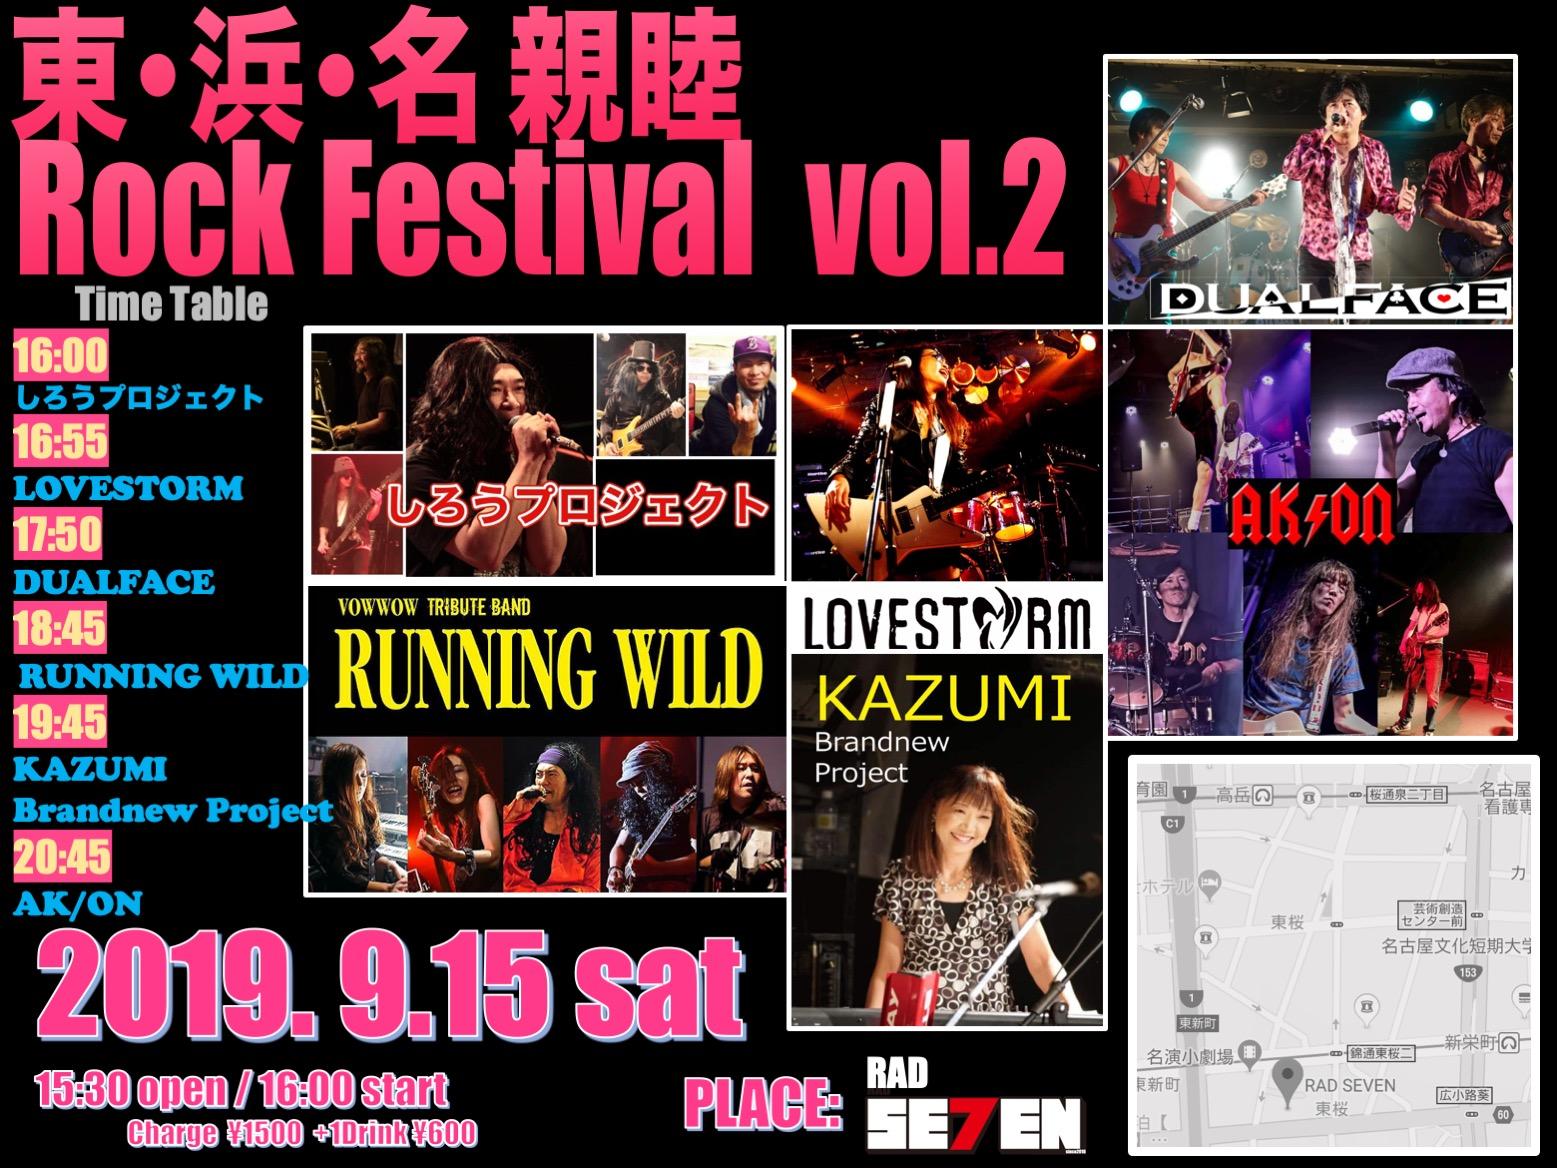 「東・浜・名 親睦 ROCK FESTIVAL vol.2」